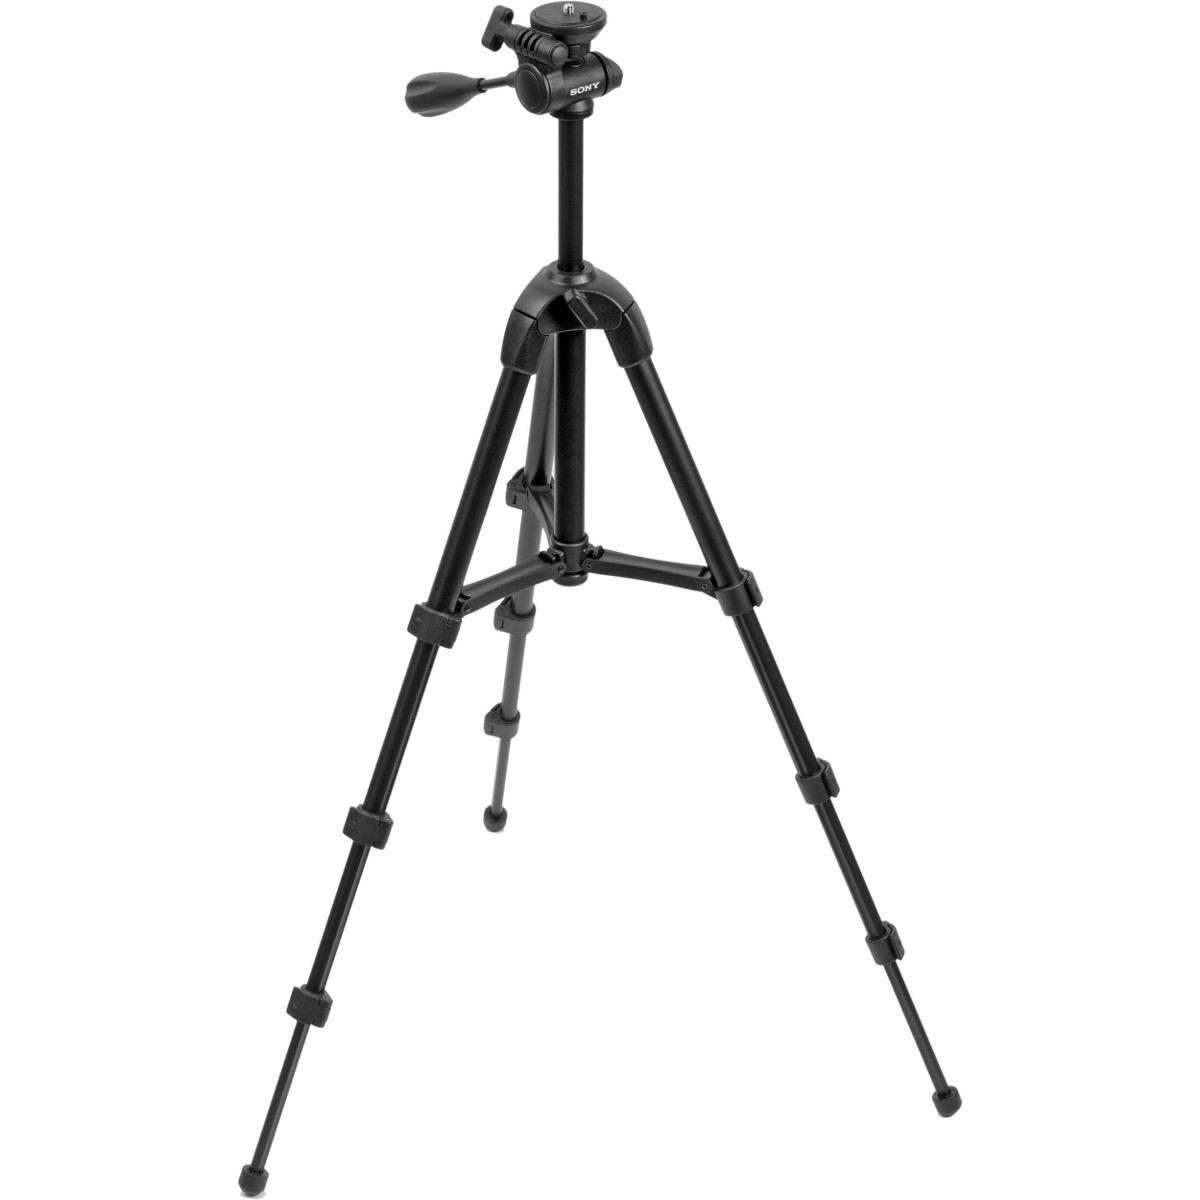 Tripé Sony Para Cameras E Filmadoras Vct-r100 Cyber-shot